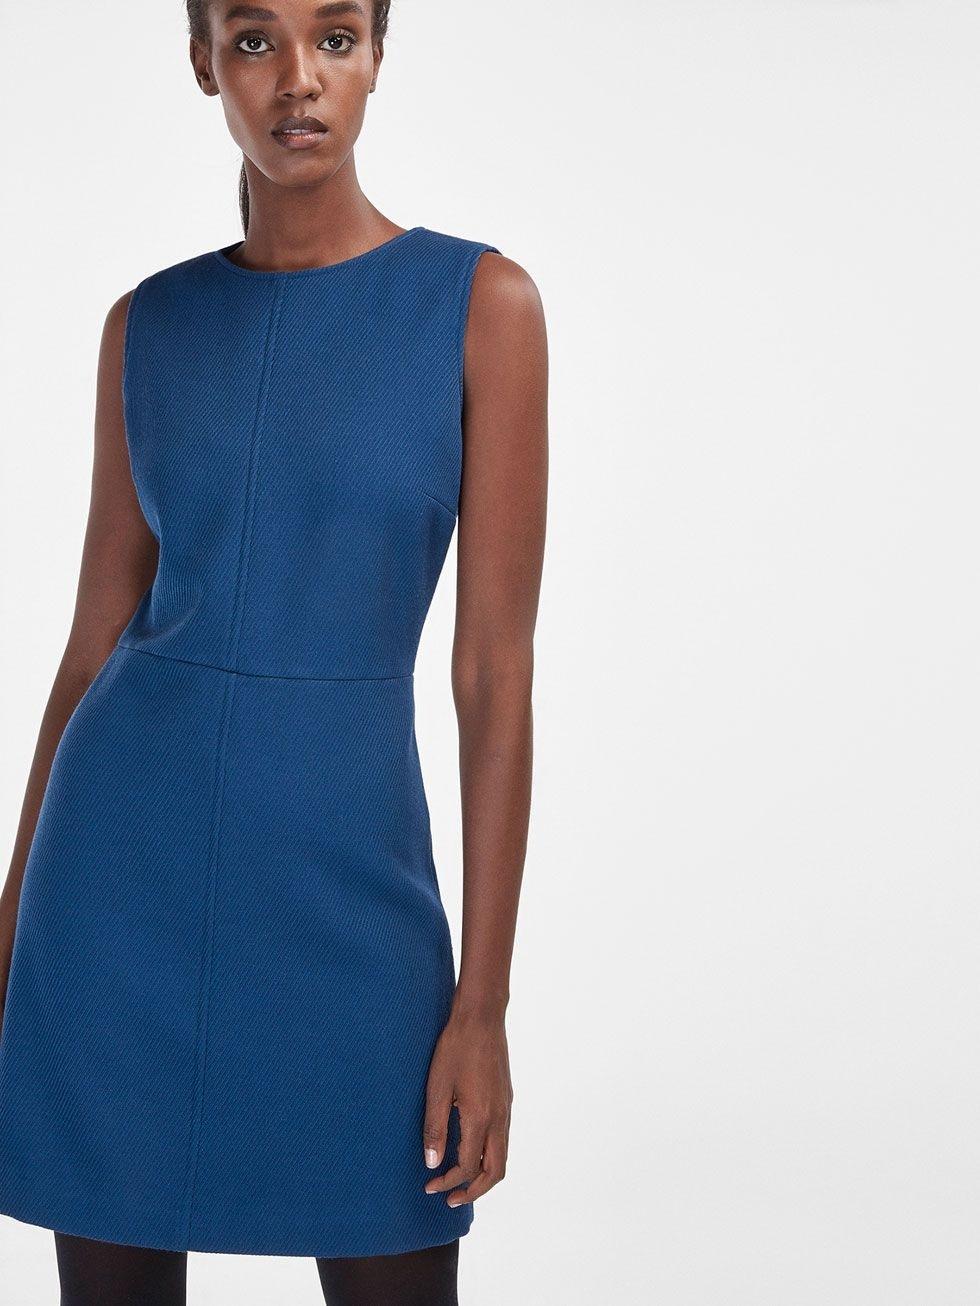 20 Schön Blaues Kleid Stylish13 Großartig Blaues Kleid Galerie